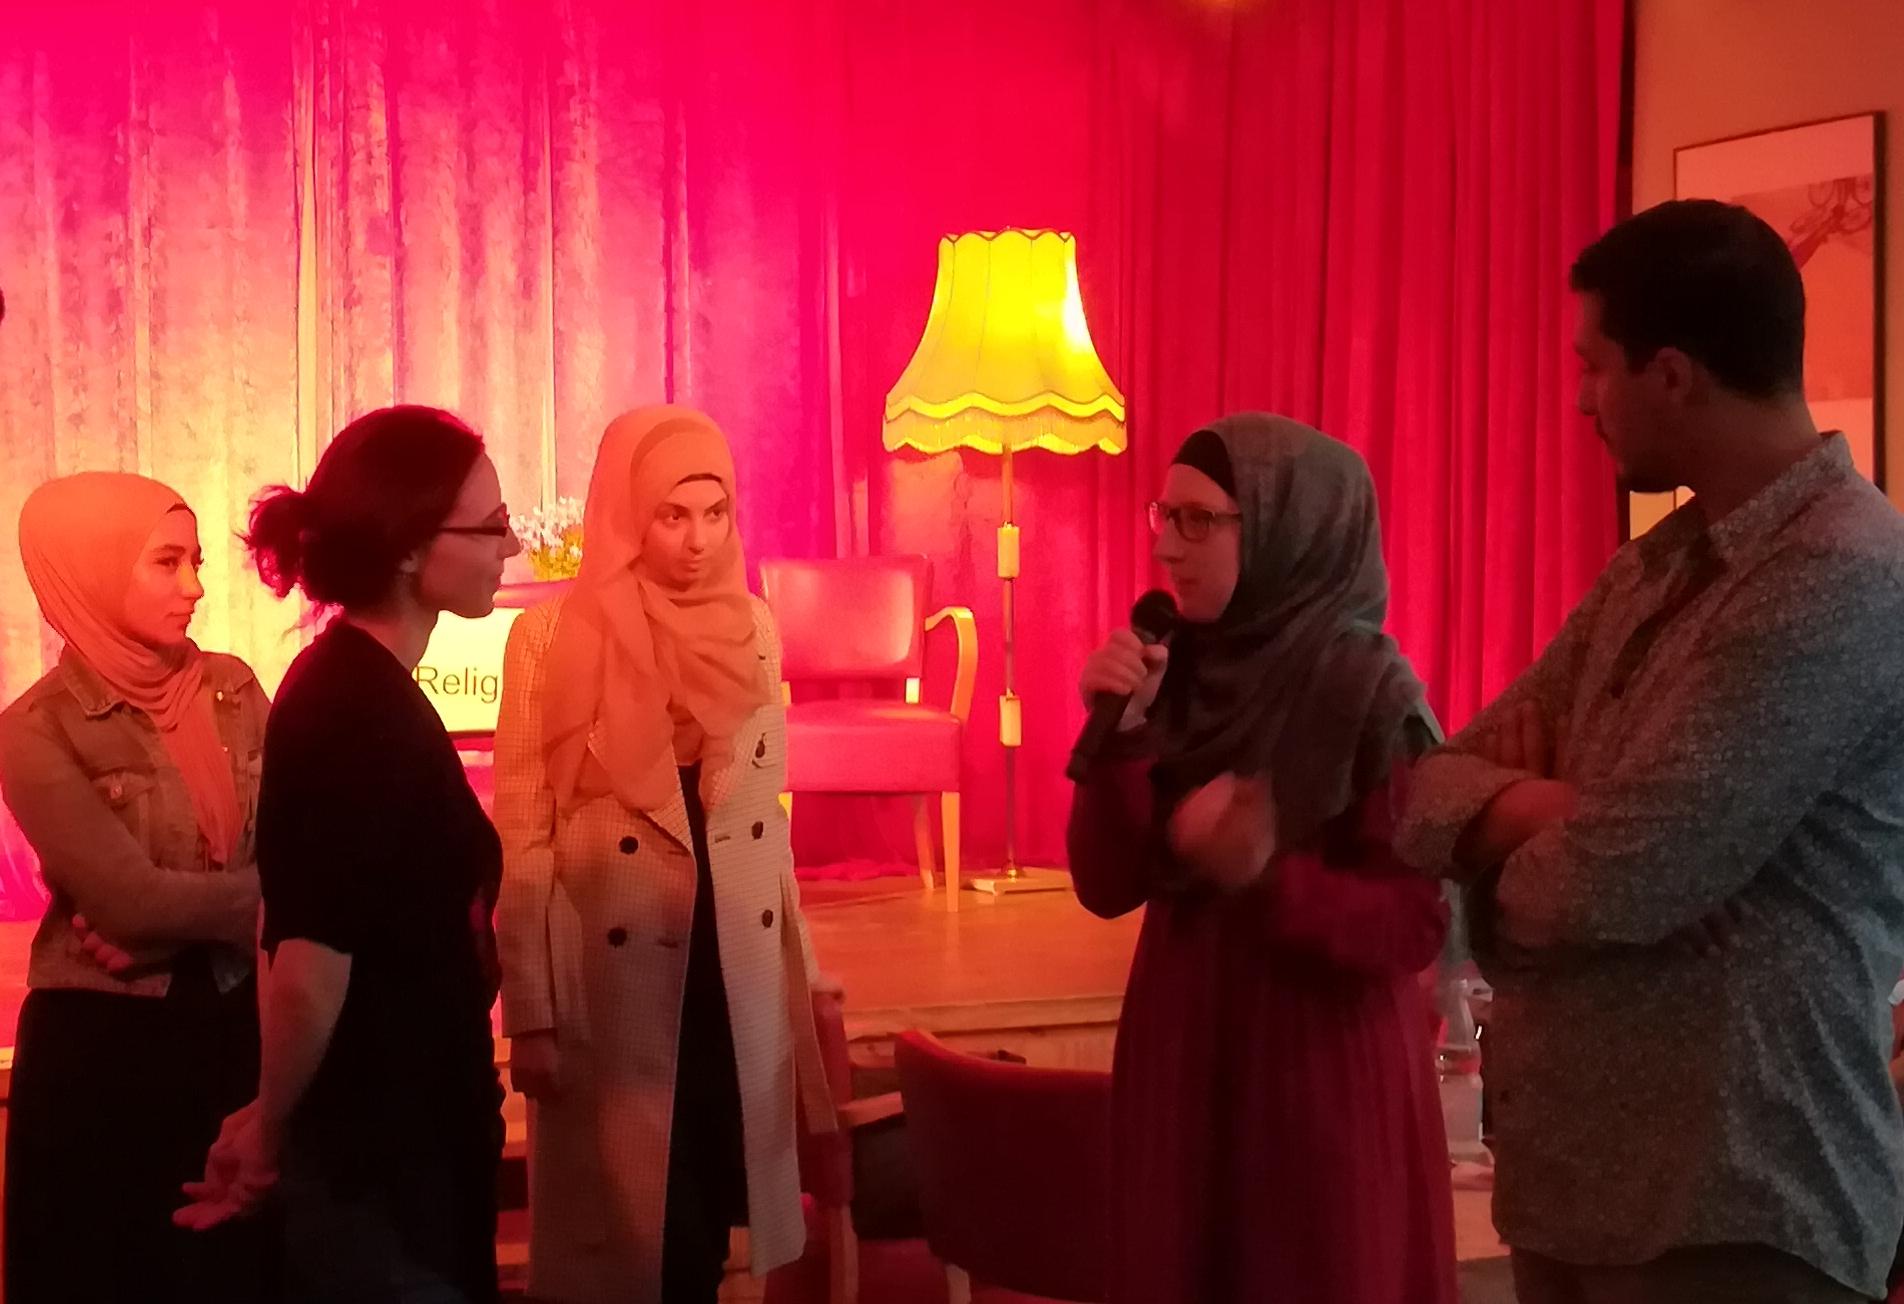 Islam meets LSBTI im Sonntags-Club